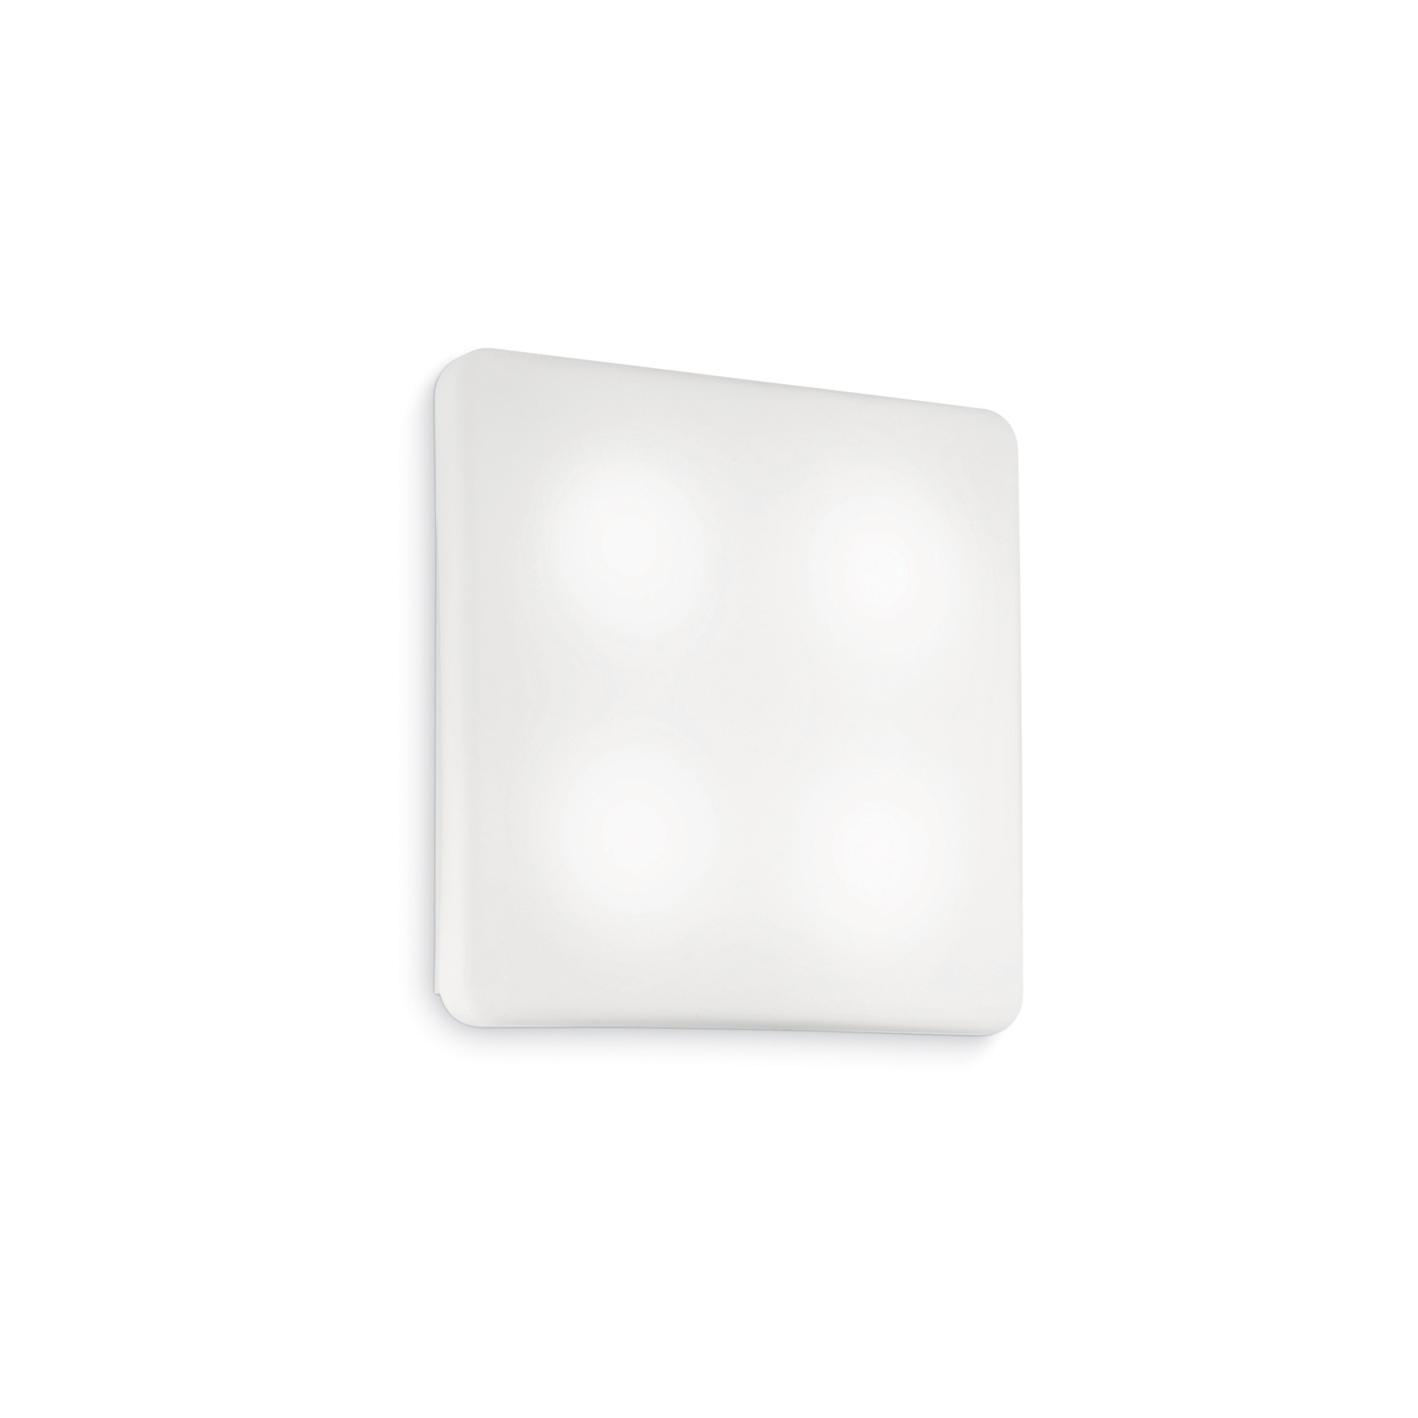 Ideal Lux IL 116686 GOLIA PL1 svítidlo + 3 roky záruka ZDARMA!